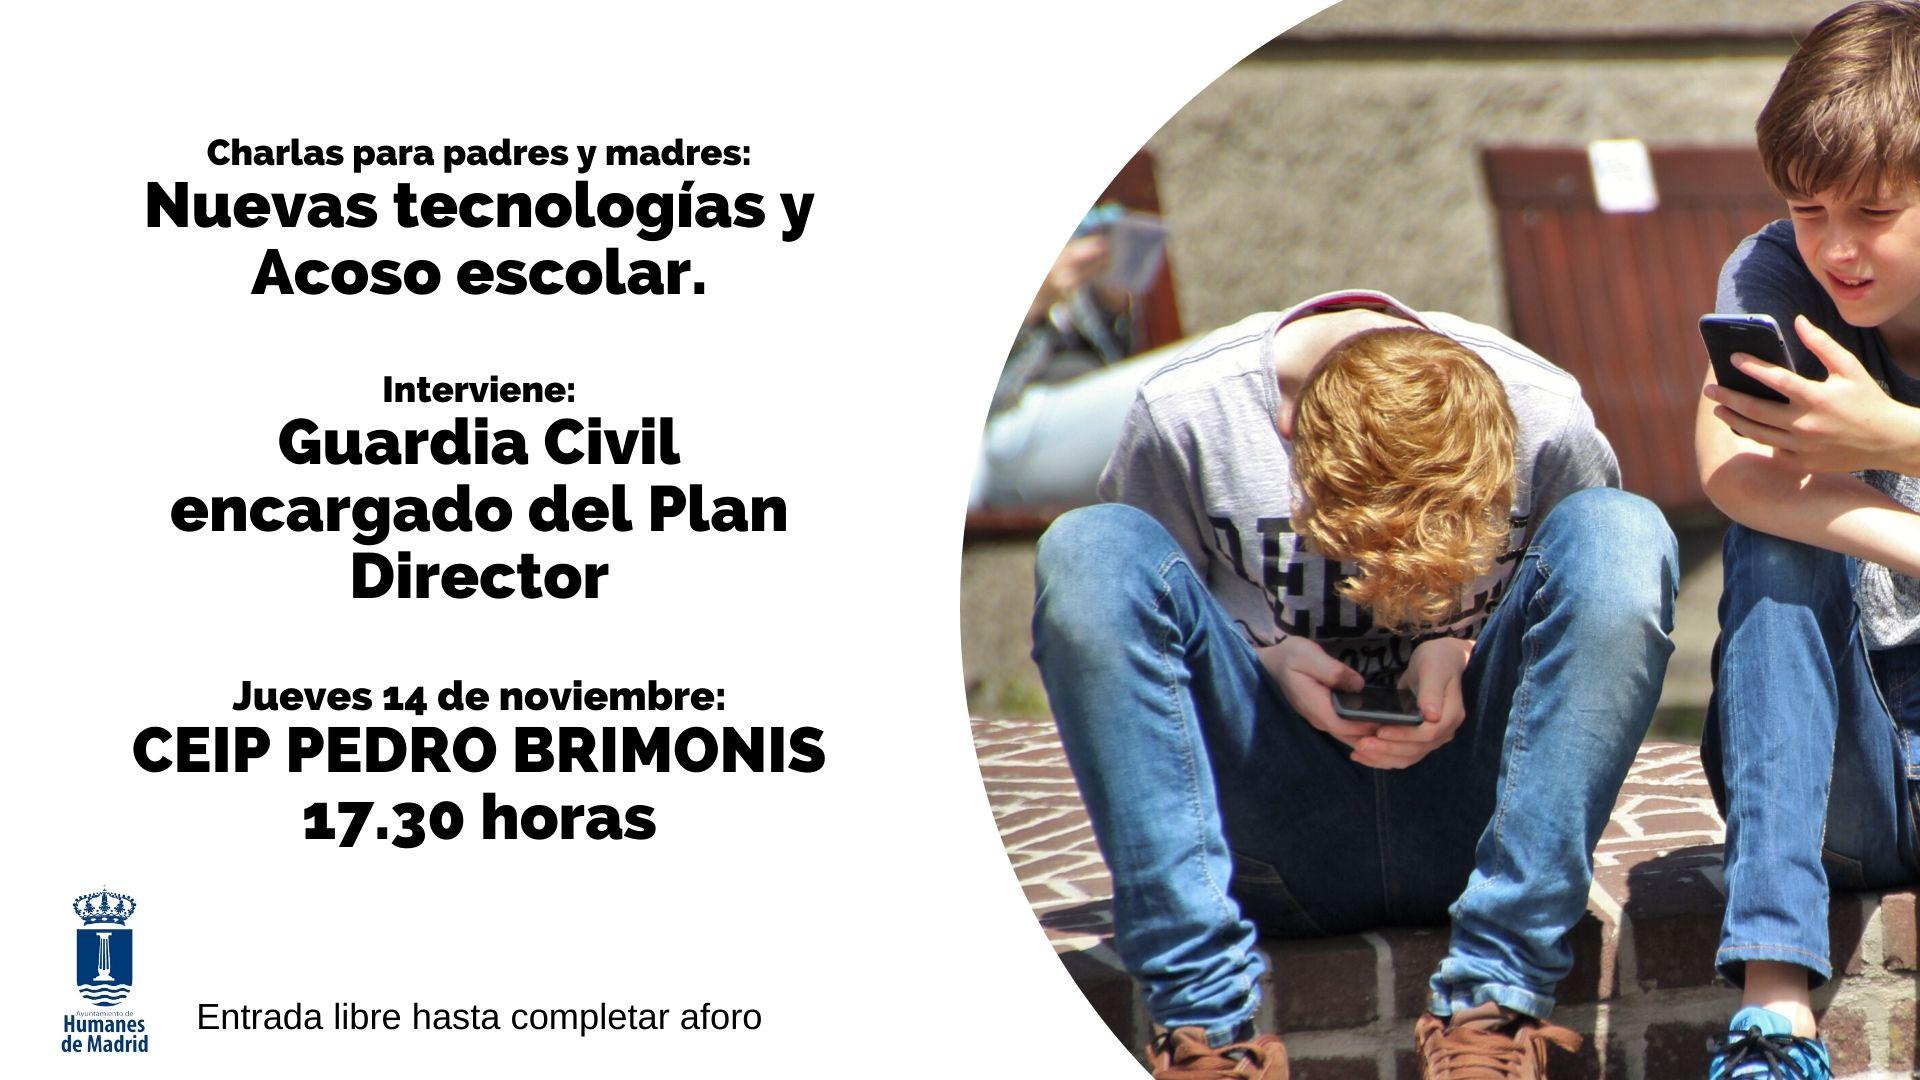 La Guardia Civil impartirá una charla sobre las nuevas tecnologías y el acoso escolar a los padres en el CEIP Pedro Brimonis.